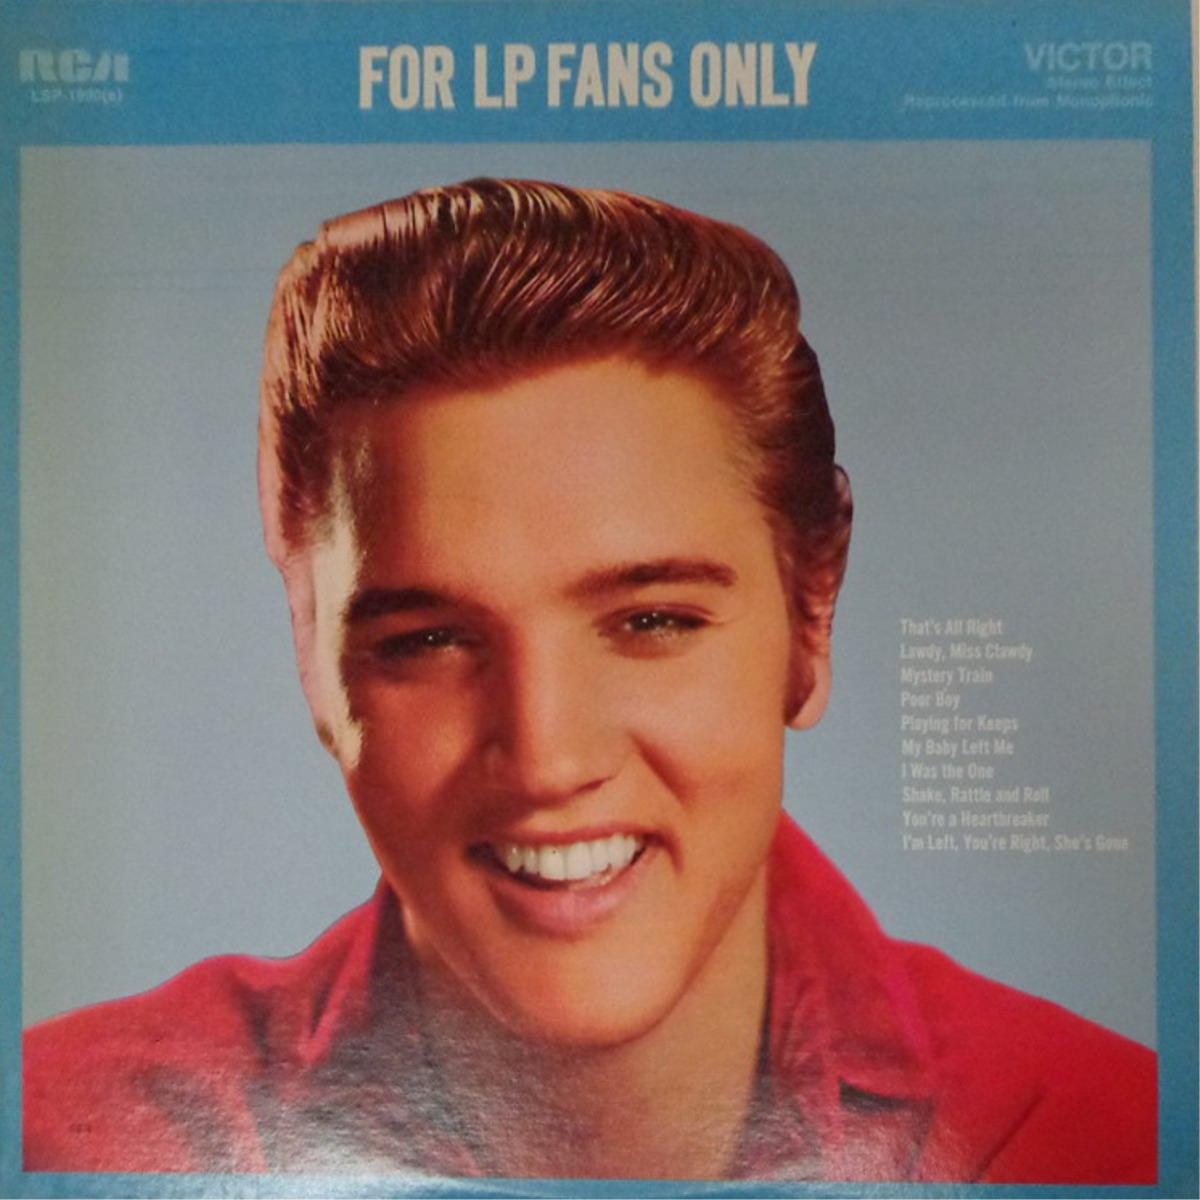 FOR LP FANS ONLY Lsp-1990aj2shk